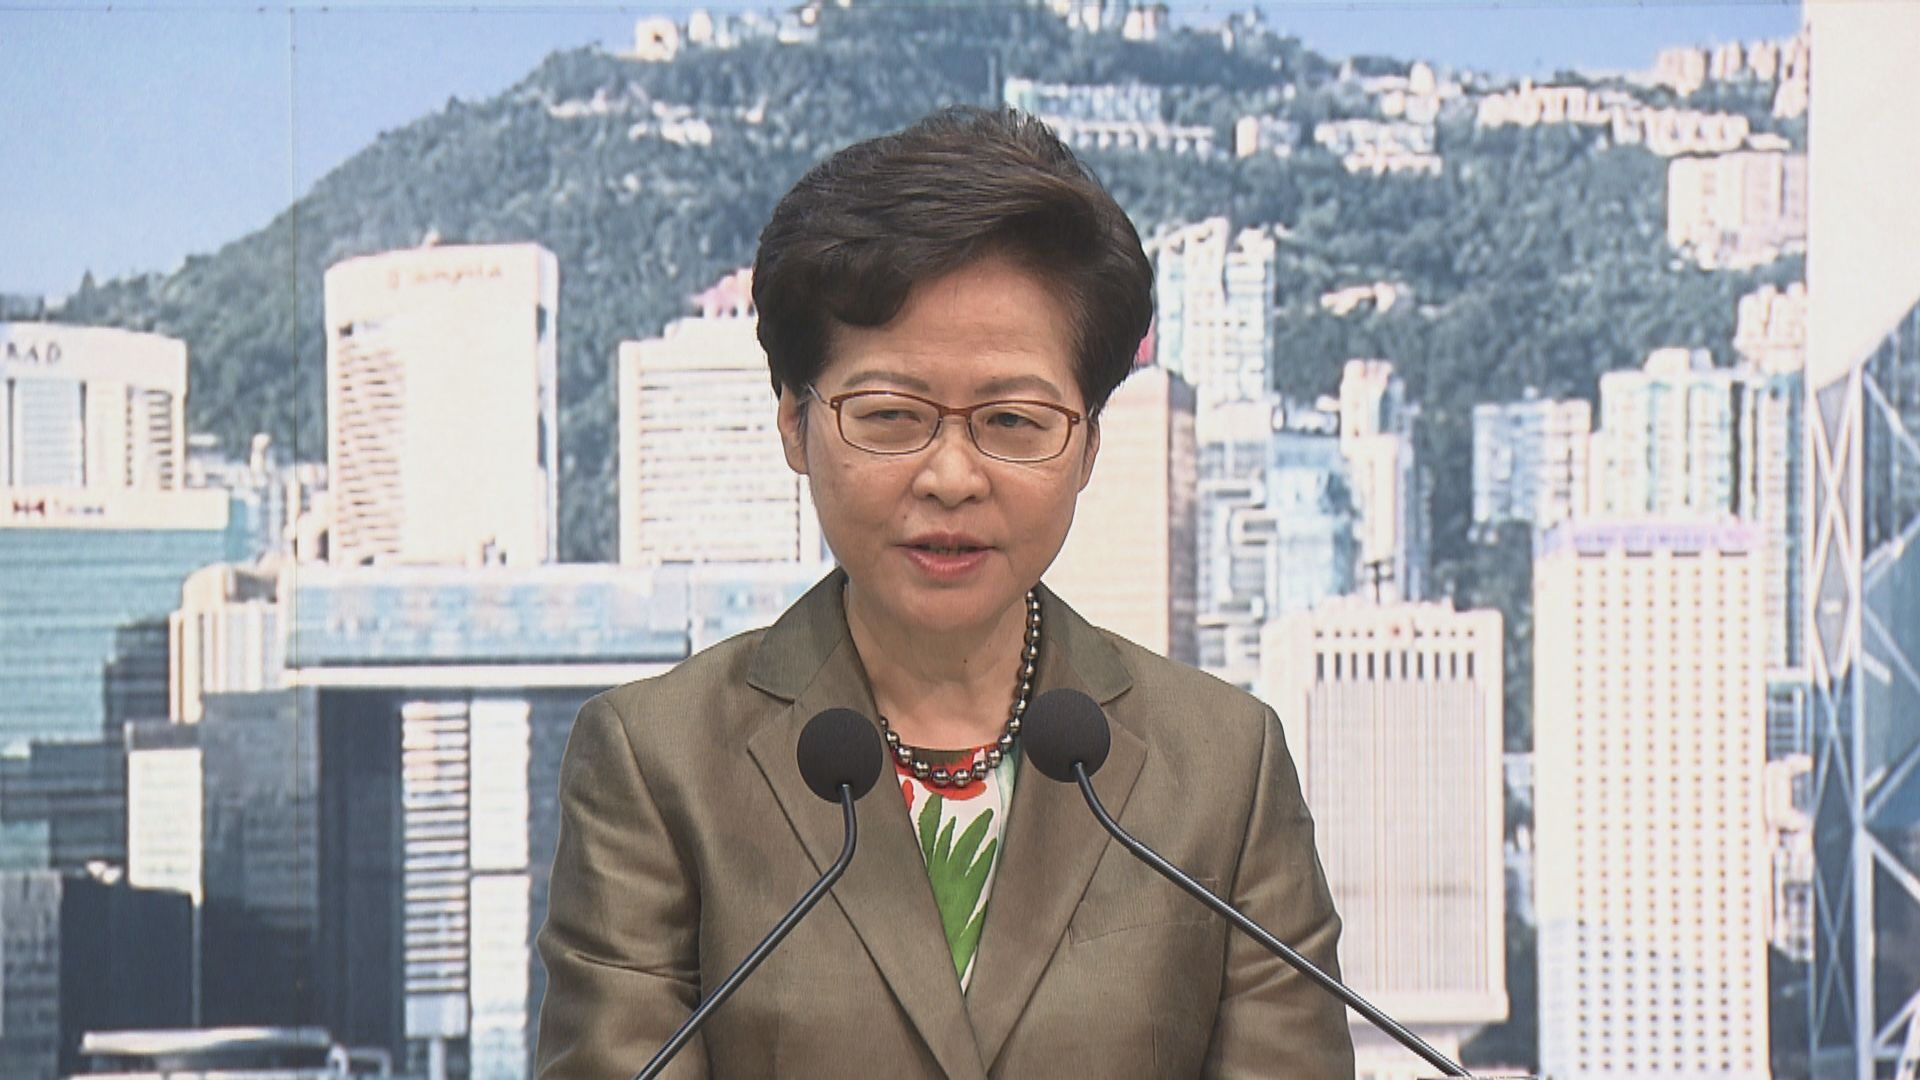 【最新】林鄭:憐憫美化哀悼襲警疑犯 將製造社會風險